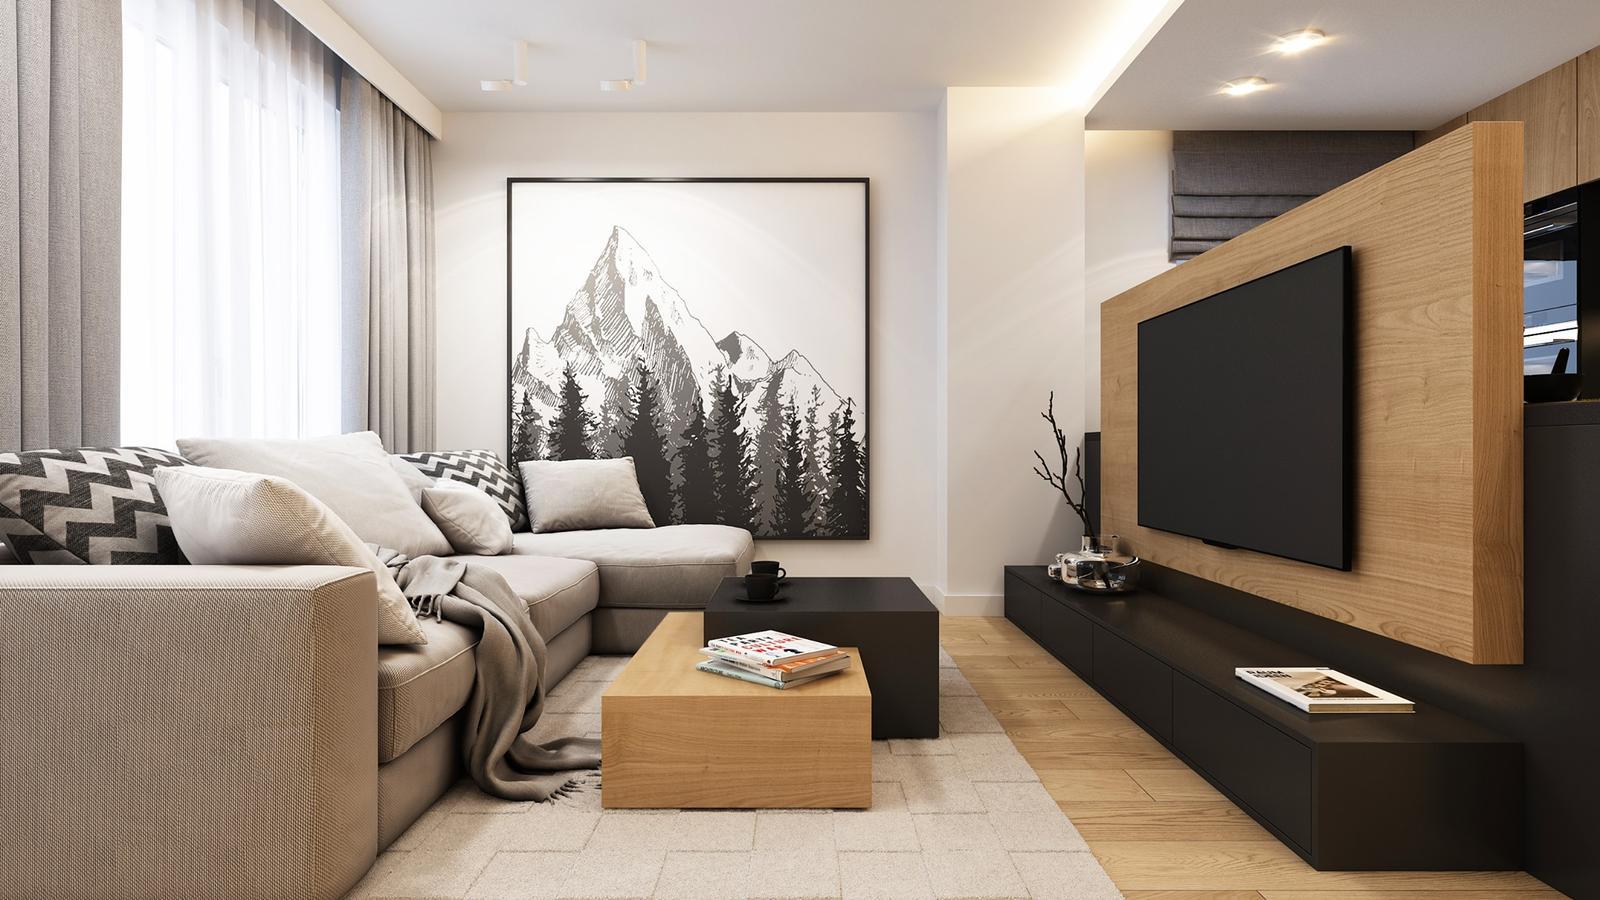 Moderné interiéry,v ktorých sa budete cítiť príjemne - Obrázok č. 71